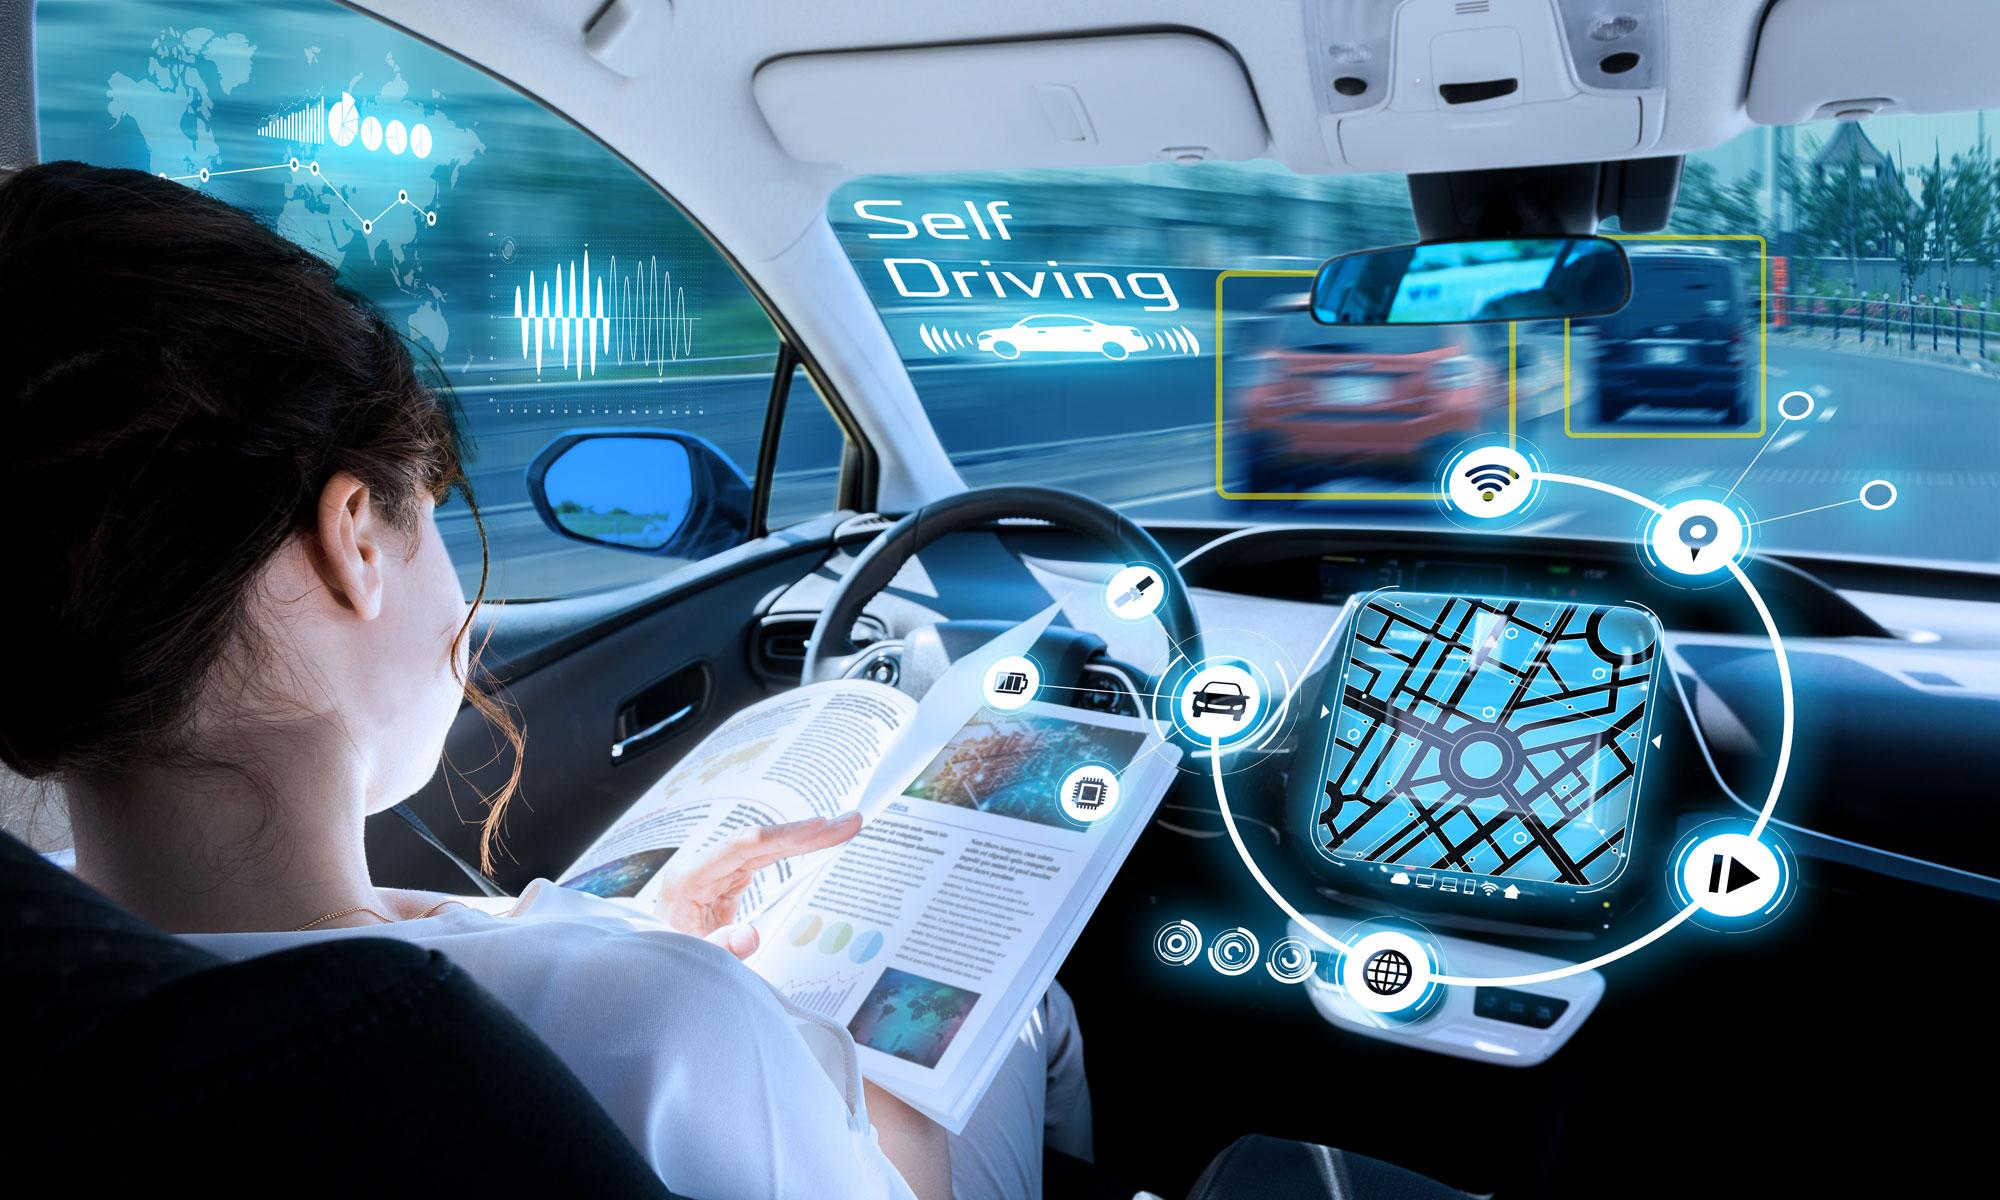 Autonomes Fahren – entspannt von A nach B mit der neuen Generation von  Fahrzeugen? – Munich Consulting Group